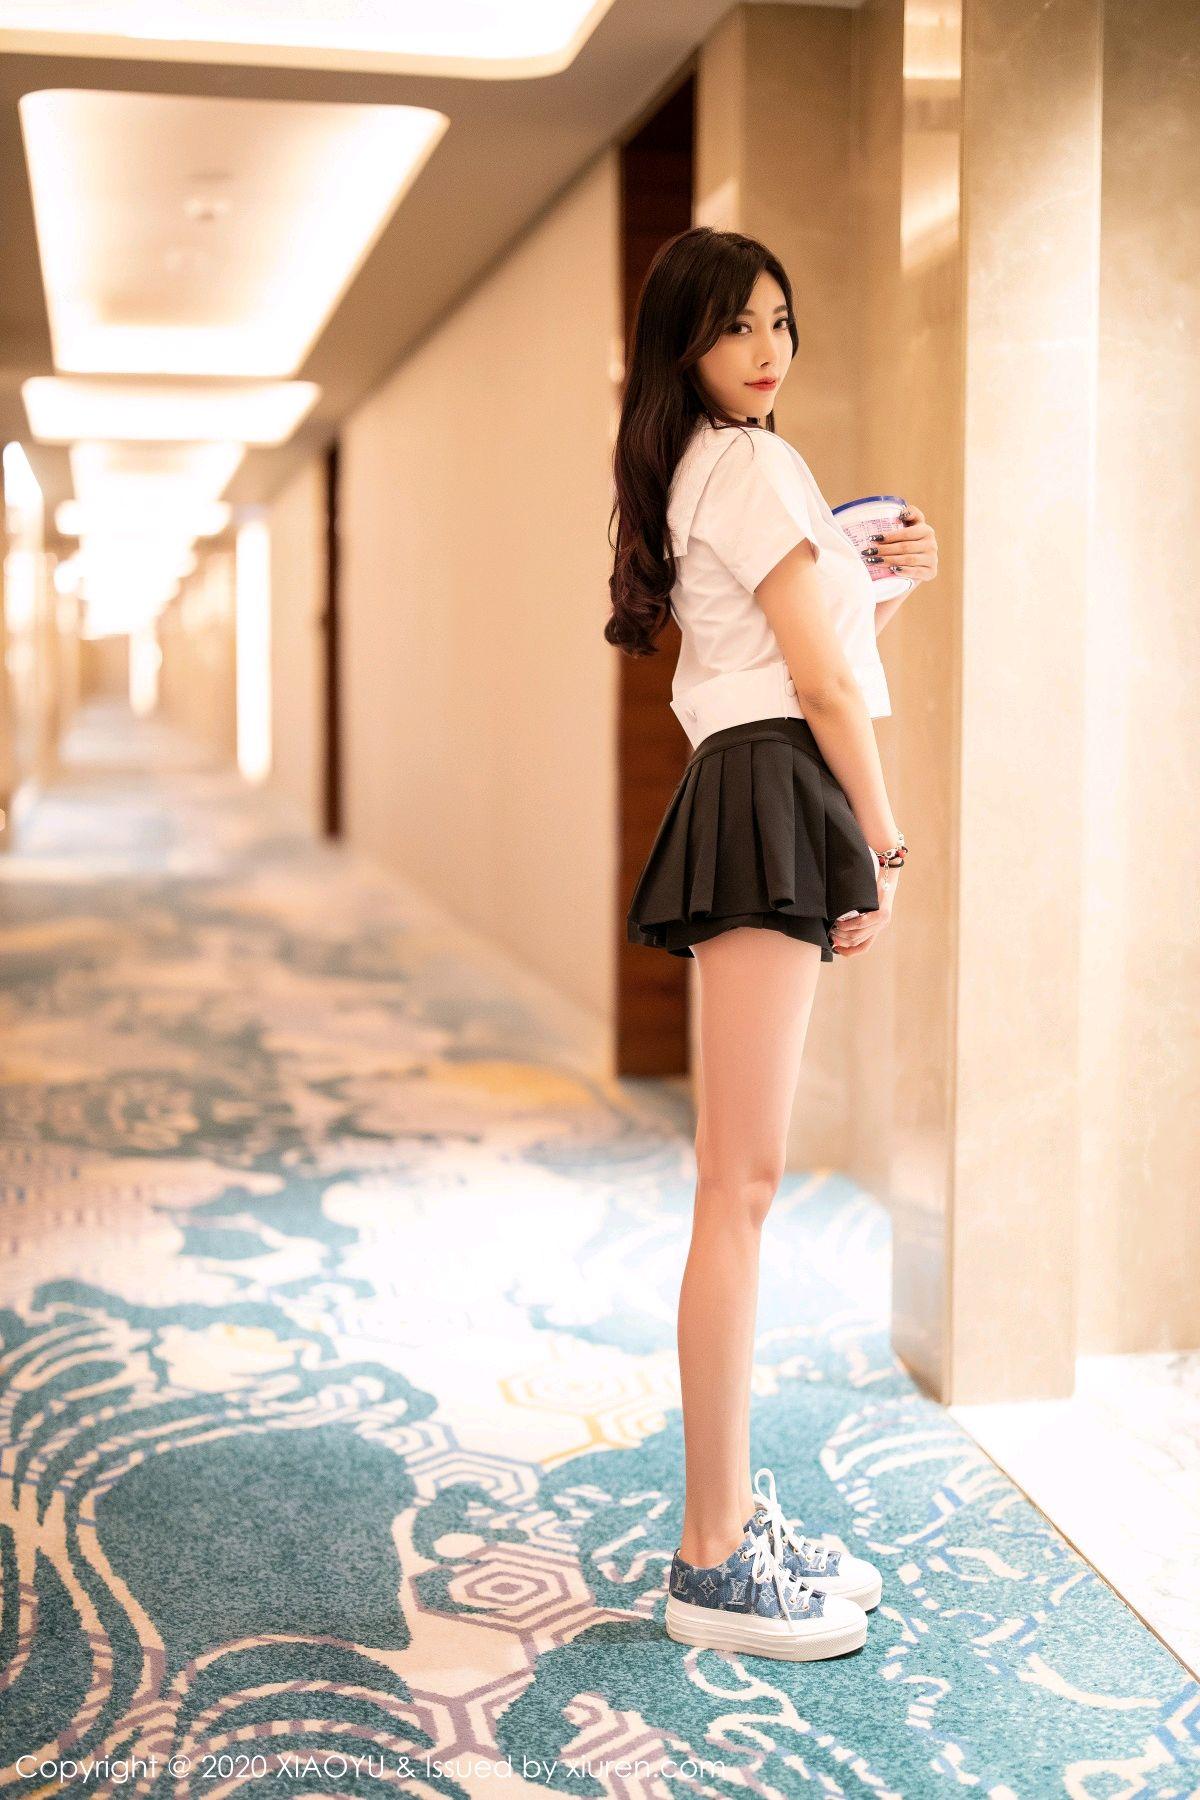 [XIAOYU] Vol.305 Yang Chen Chen 8P, Sexy, Underwear, Uniform, XiaoYu, Yang Chen Chen